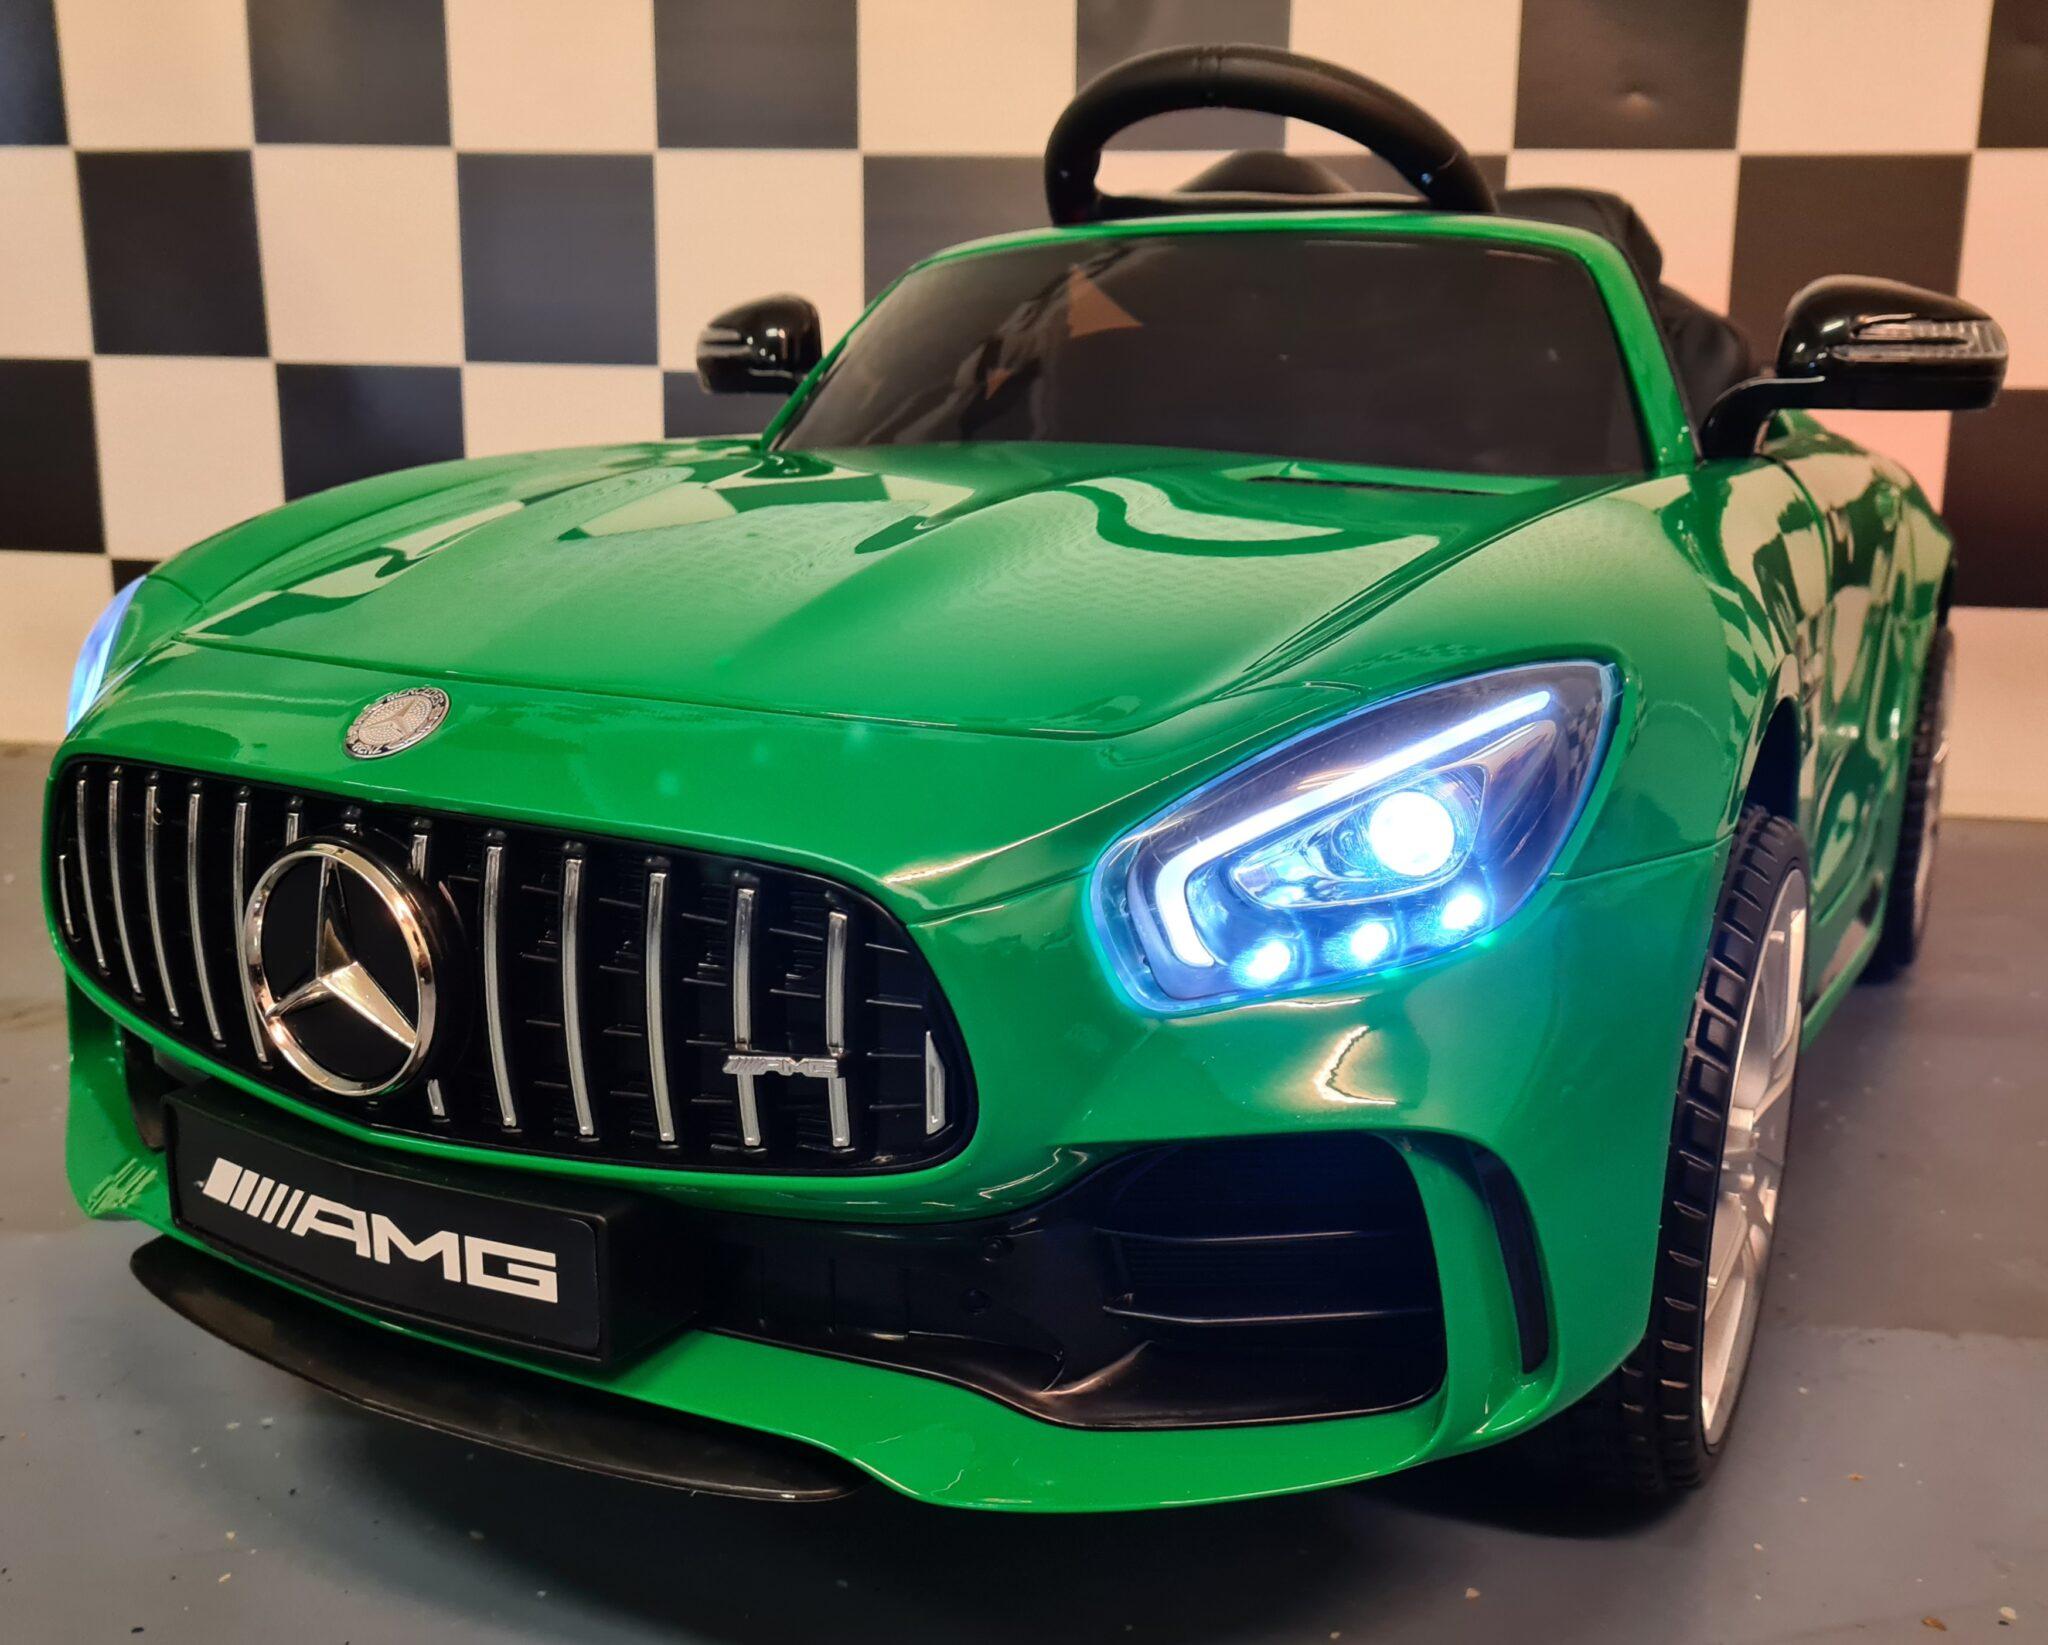 kinderauto Mercedes GTR metallic groen met RC